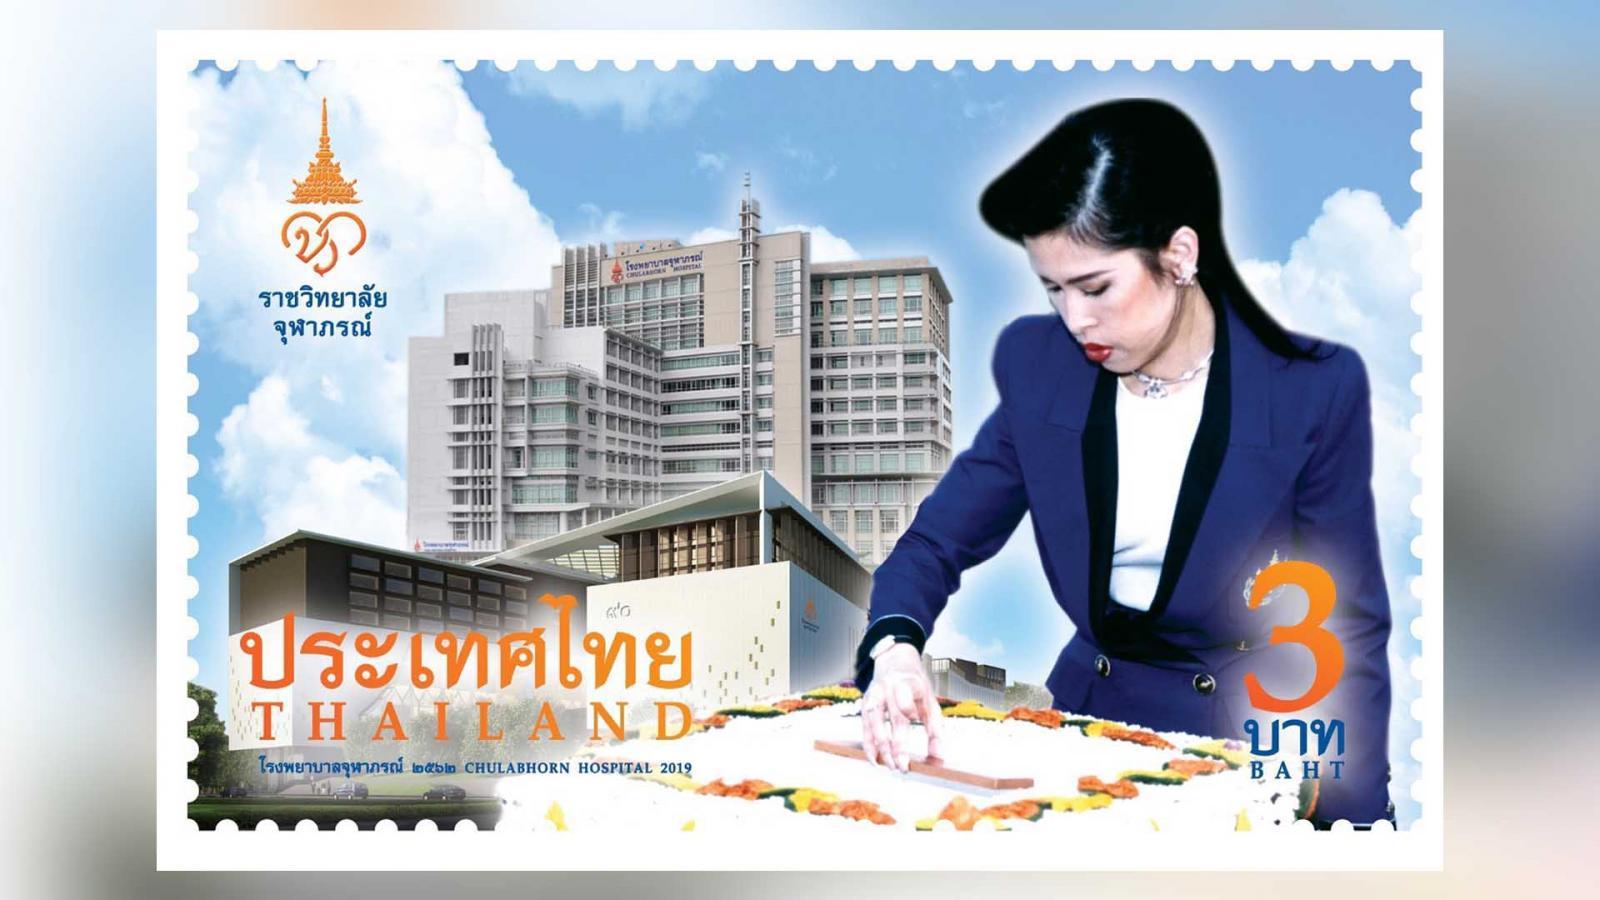 ไปรษณีย์ไทย จัดทำแสตมป์ครบ 1 ทศวรรษ รพ.จุฬาภรณ์